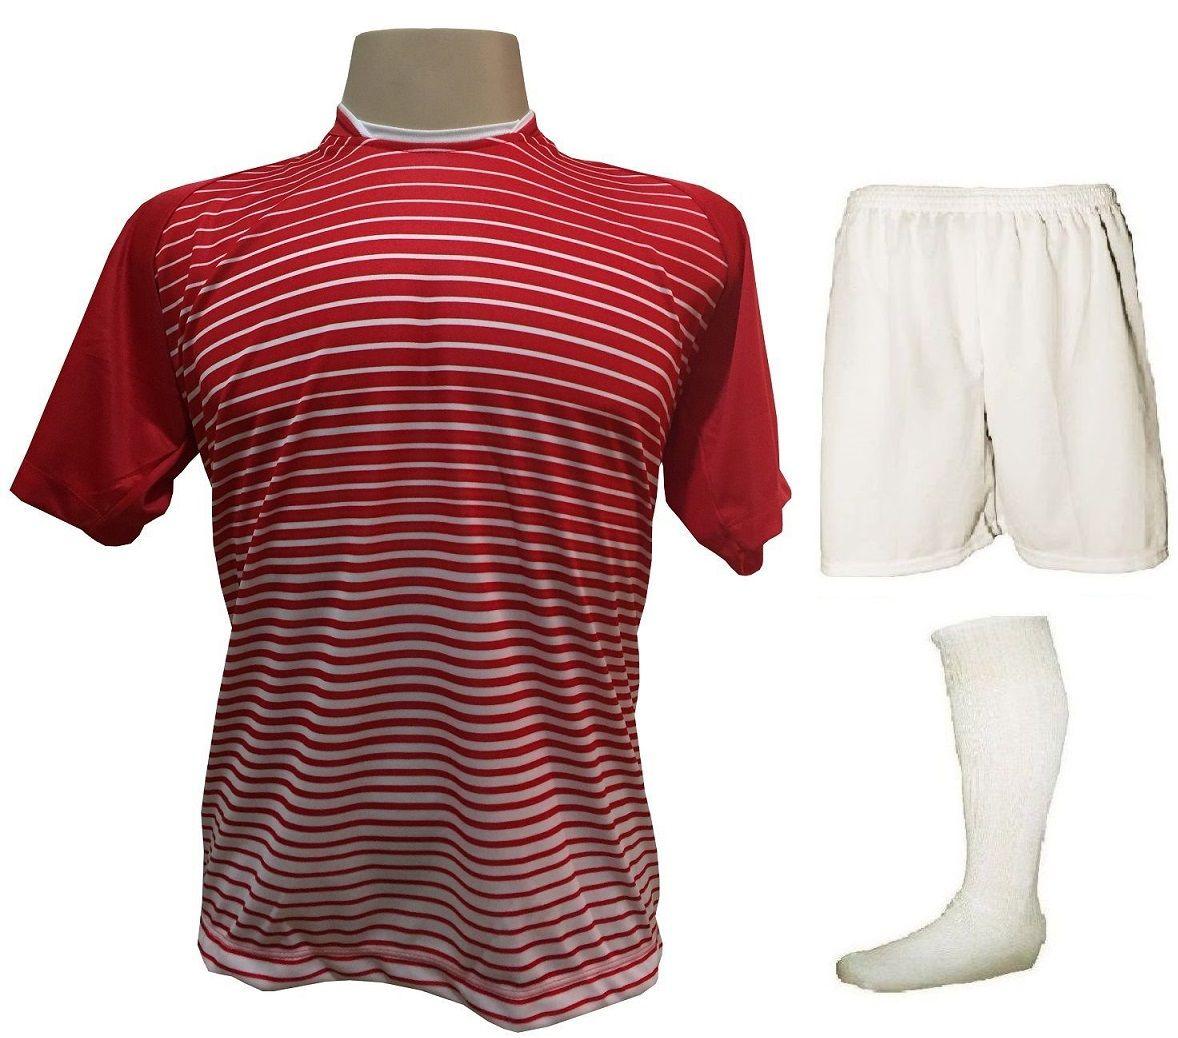 Uniforme Esportivo com 18 camisas modelo City Vermelho/Branco + 18 calções modelo Madrid Branco + 18 pares de meiões Branco